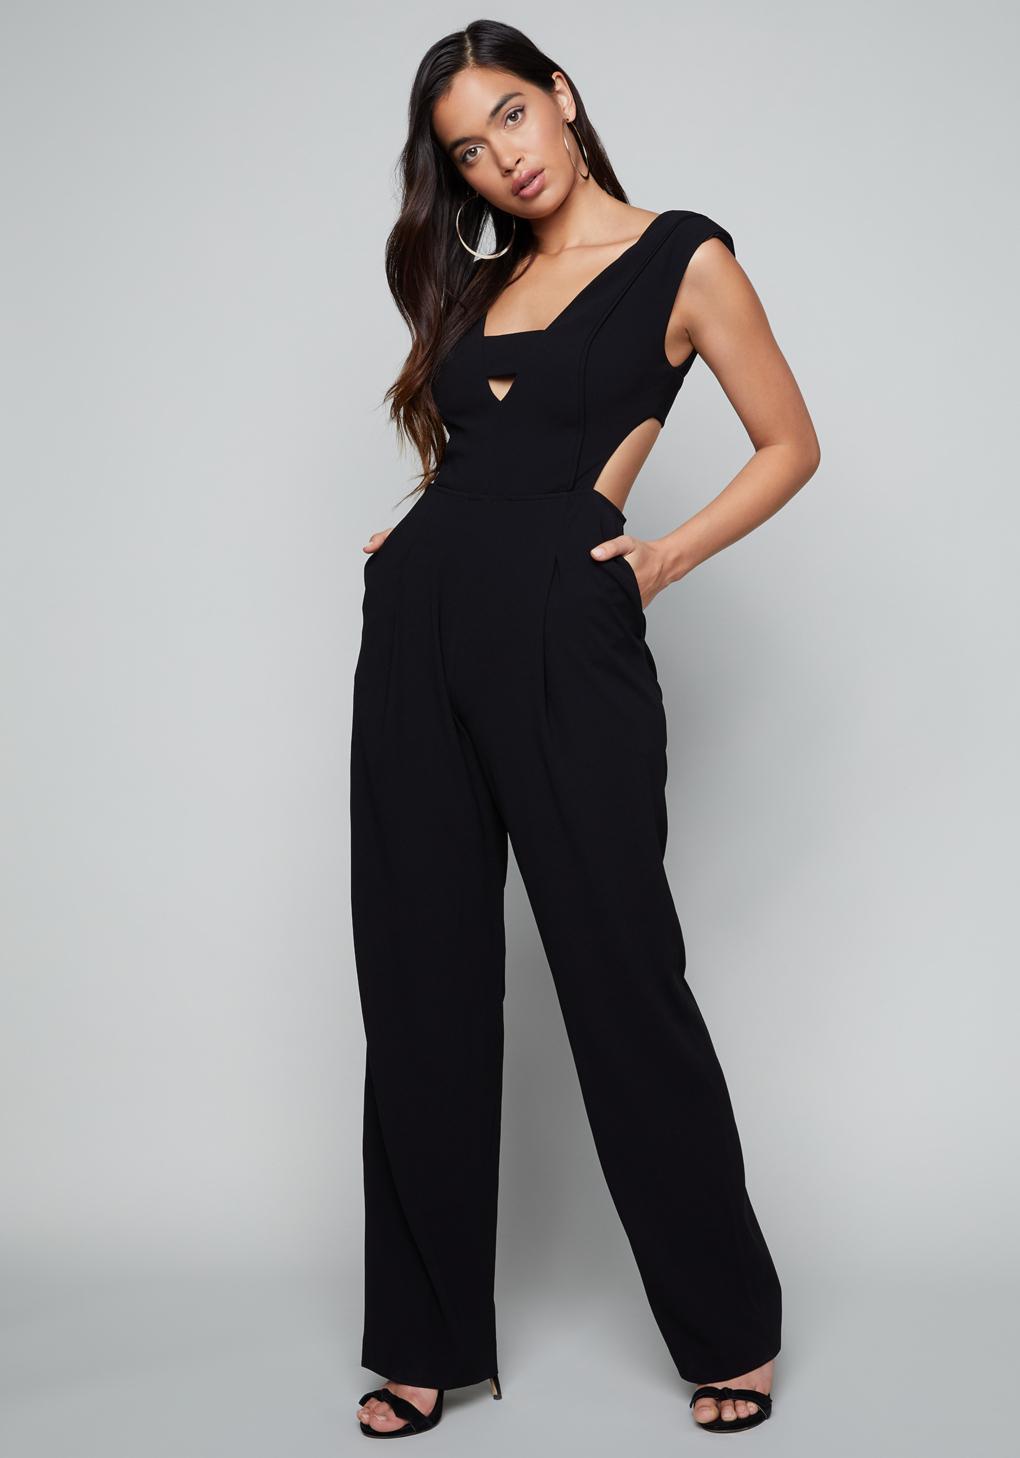 80c1e1f8fcfa Bebe Krystal Jumpsuit in Black - Lyst